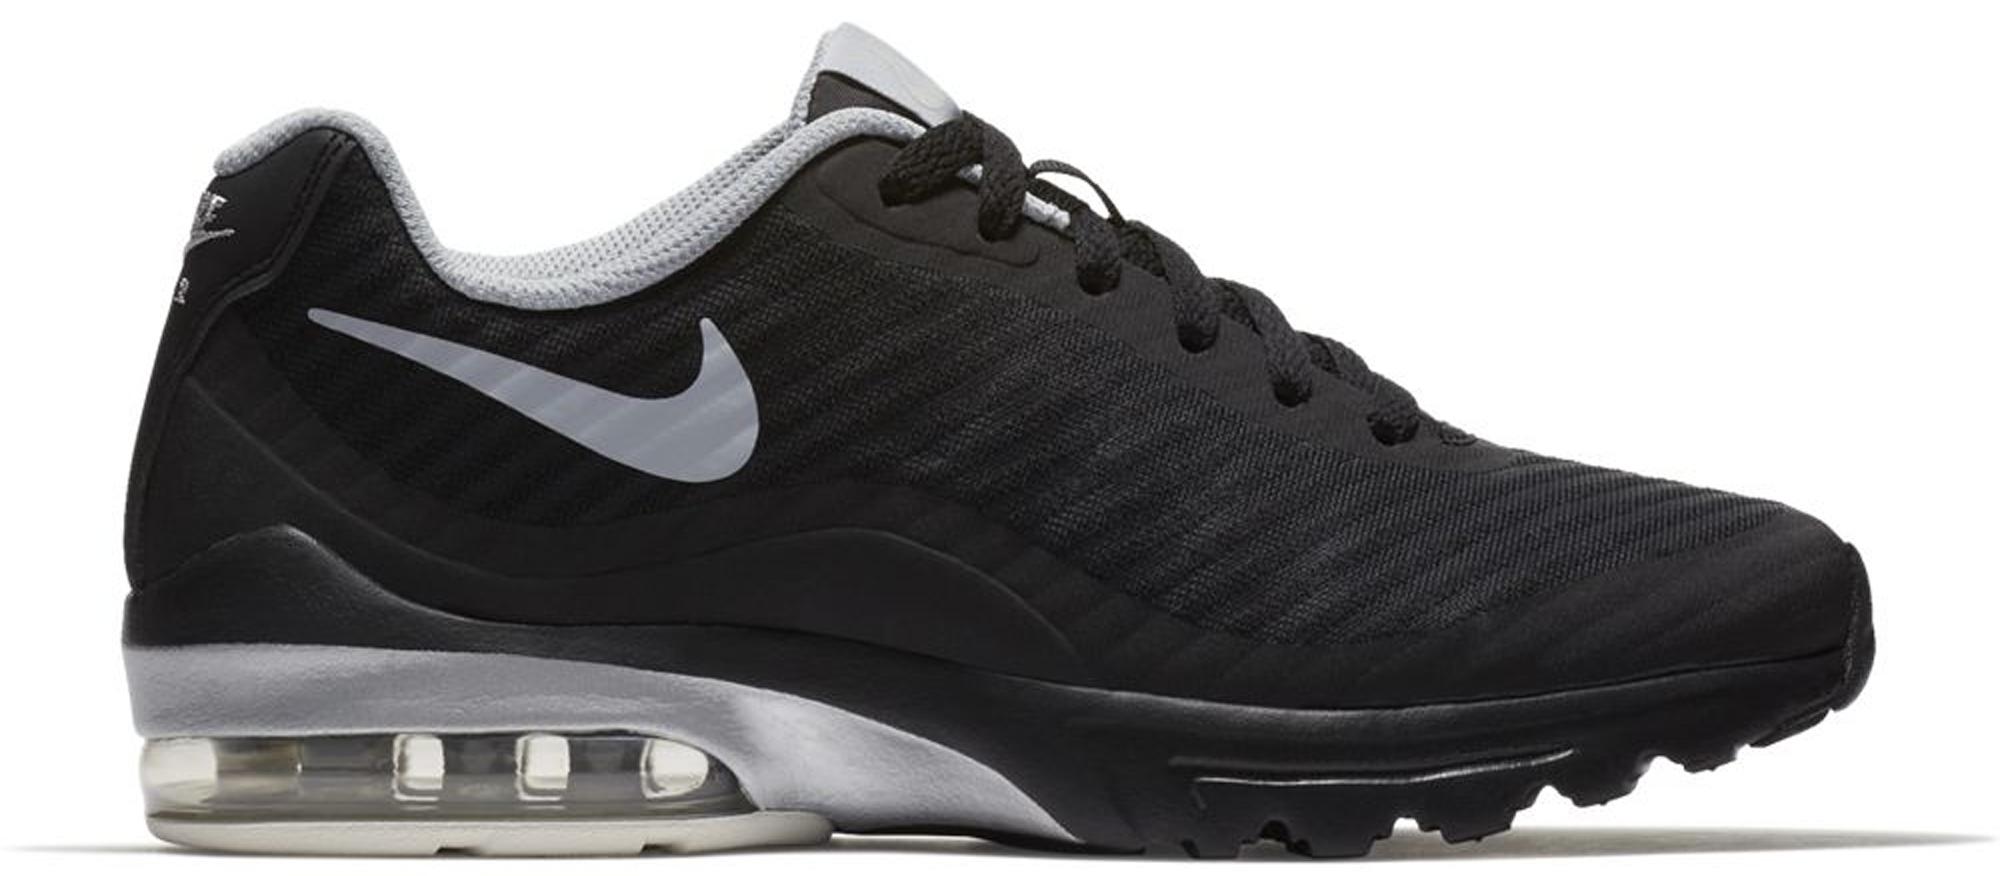 Nike Air Max Invigor Black Wolf Grey (W